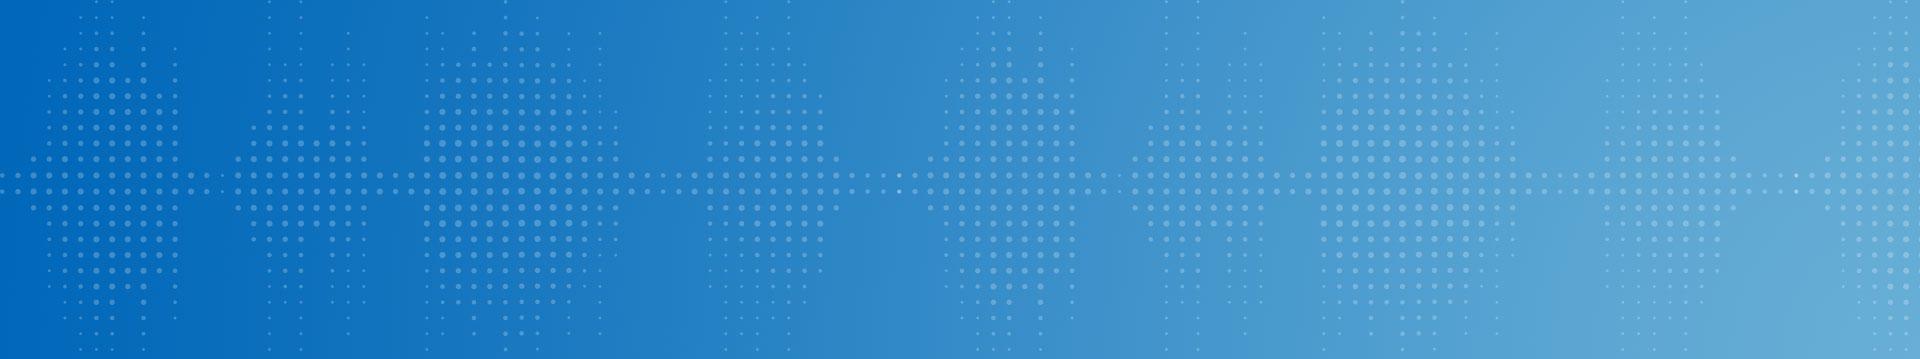 Blauer Hintergrund mit Verlauf und Punkte